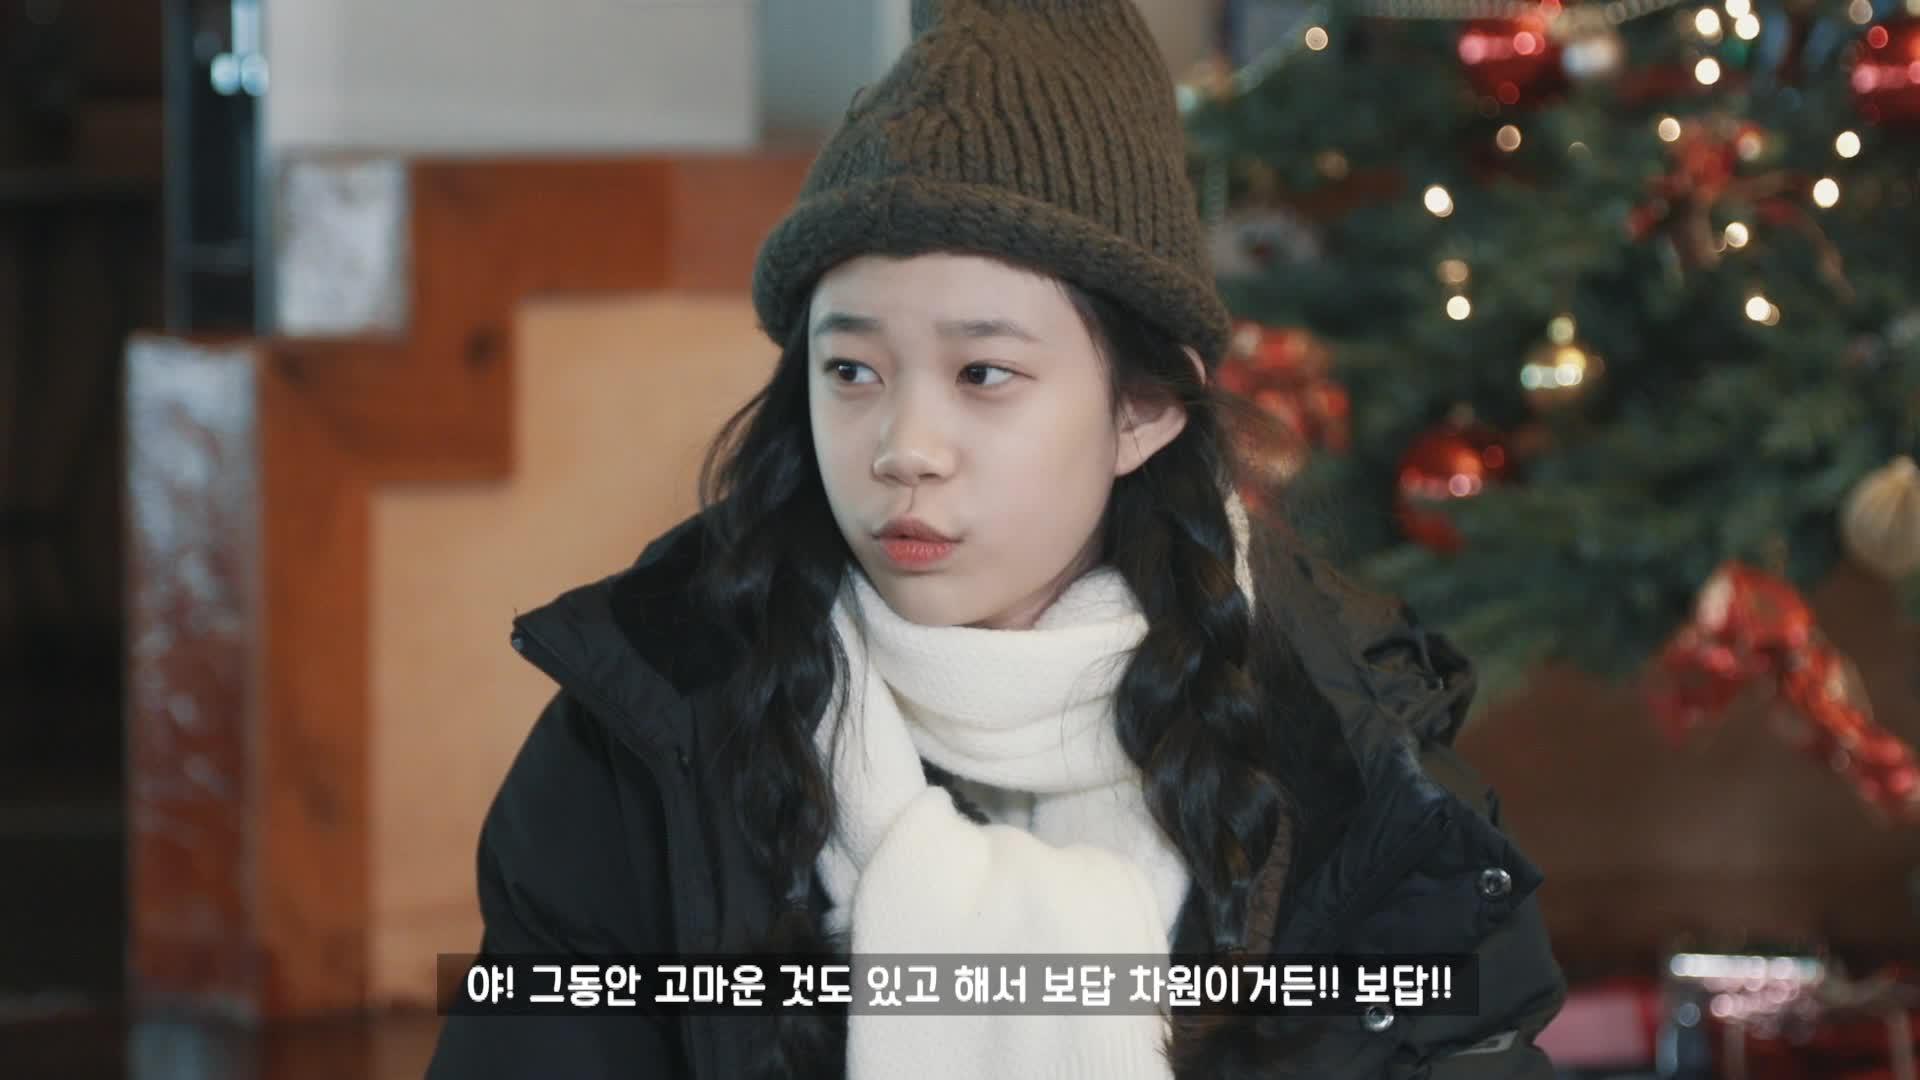 초능력드라마(봉인해제 13세)EP13_고백하기 좋은 날(상)_짝사랑하는 사람들의 고백준비법